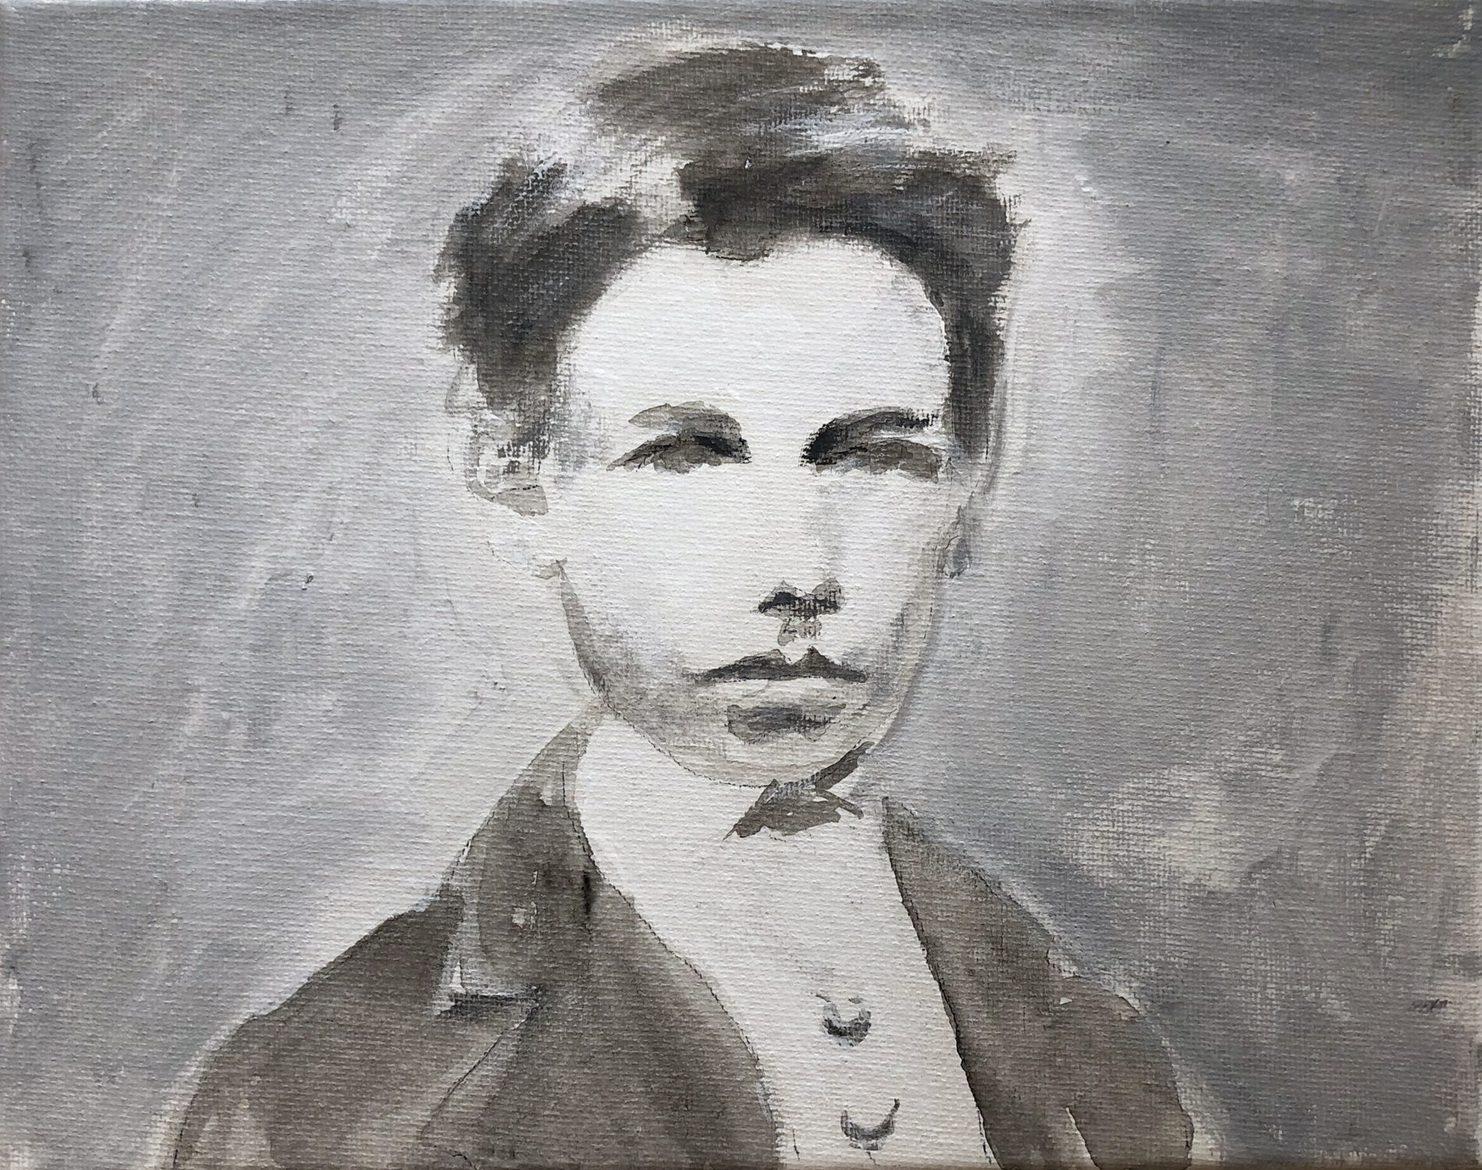 Tim Johnson, 'Arthur 1871 (2)', 2019, acrylic on canvas, 20 x 25 cm